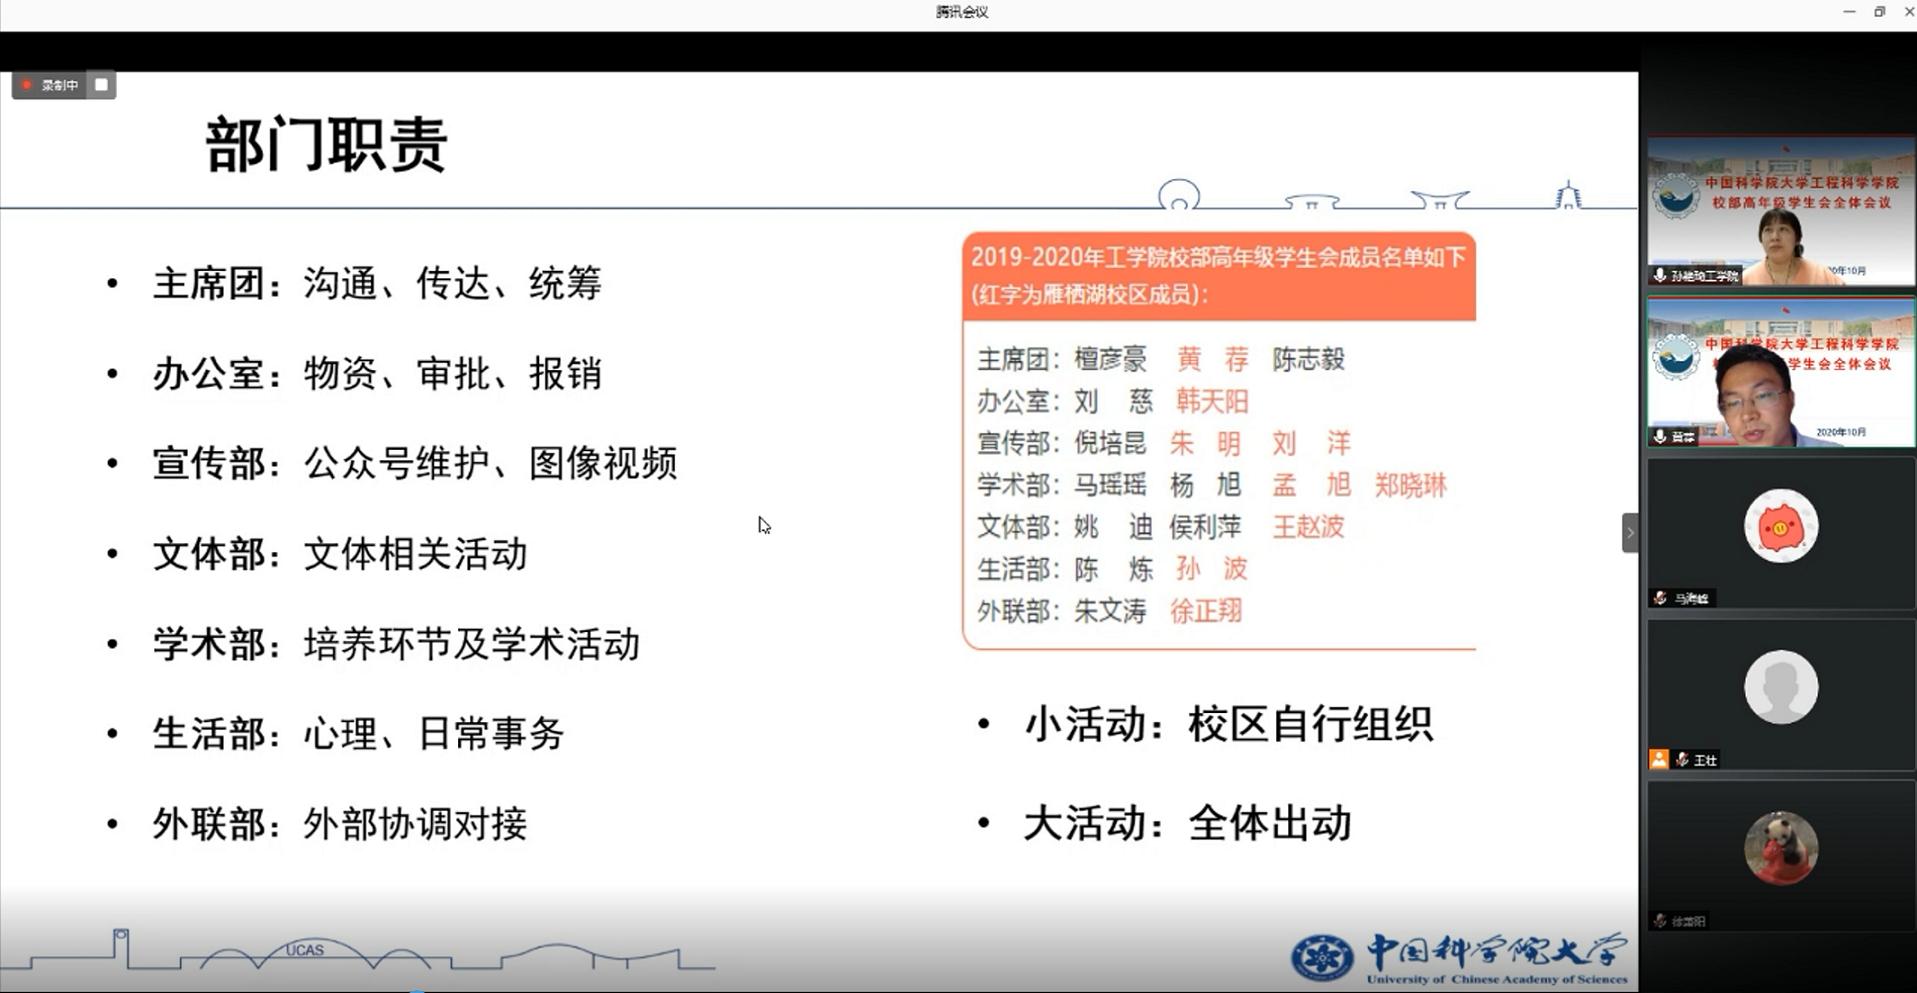 图2黄荐主席对学生会各部门职责进行具体说明